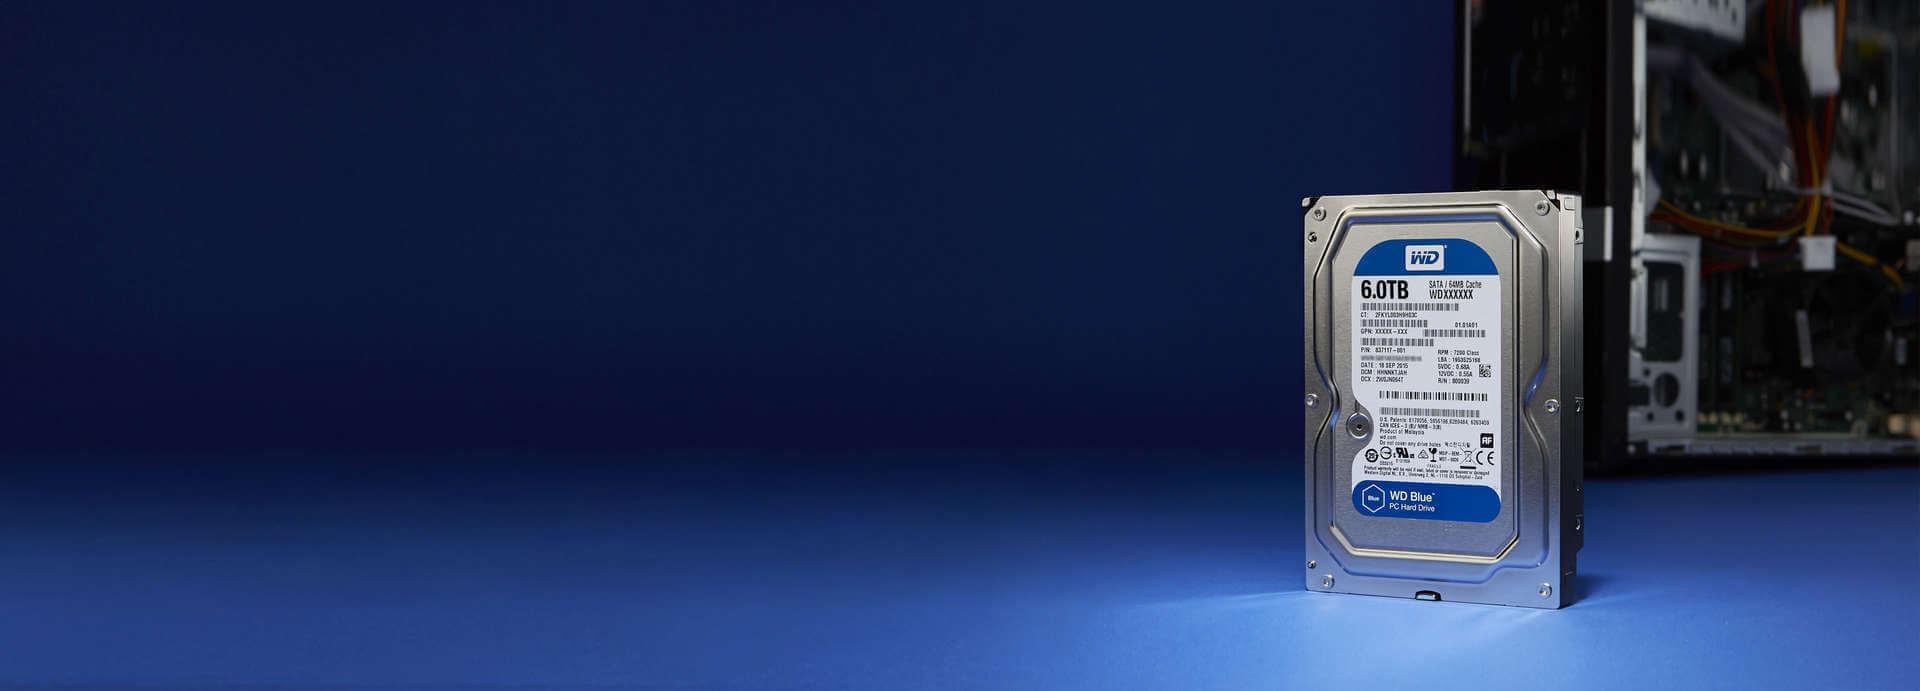 Western Digital HDD Blue 4TB هارد دیسک وسترن دیجیتال